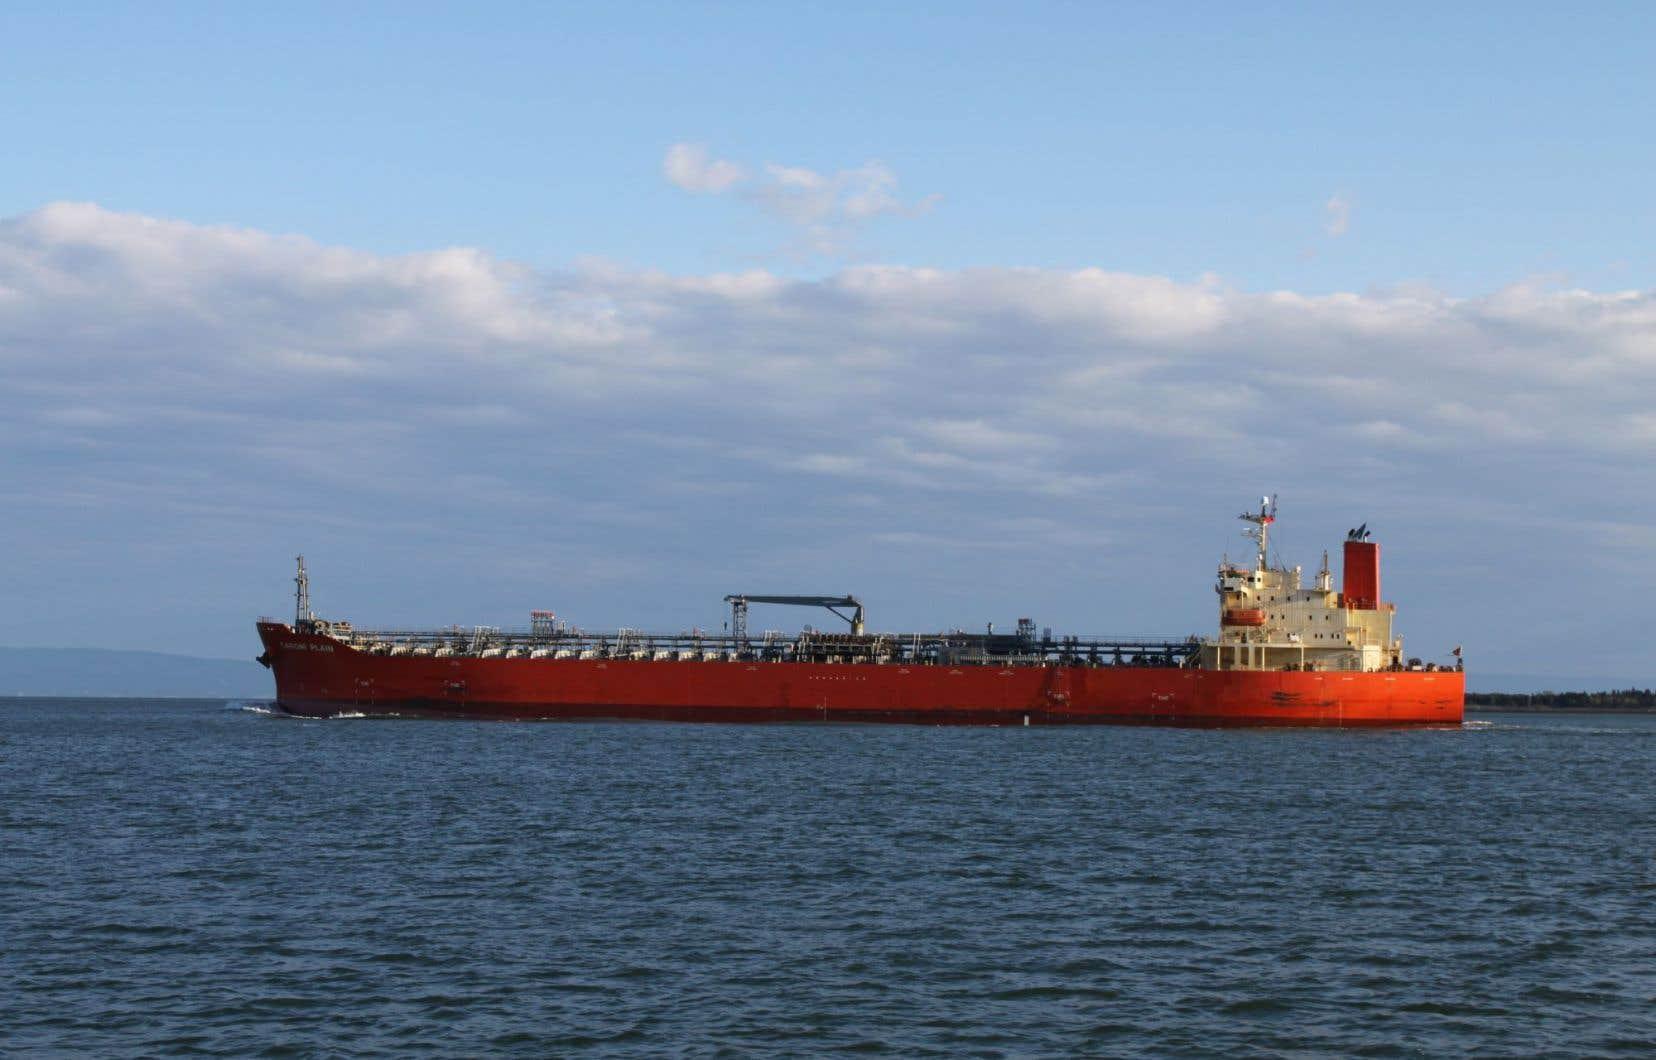 D'imposants pétroliers empruntent déjà la voie maritime du Saint-Laurent, fragile et risquée pour la navigation.